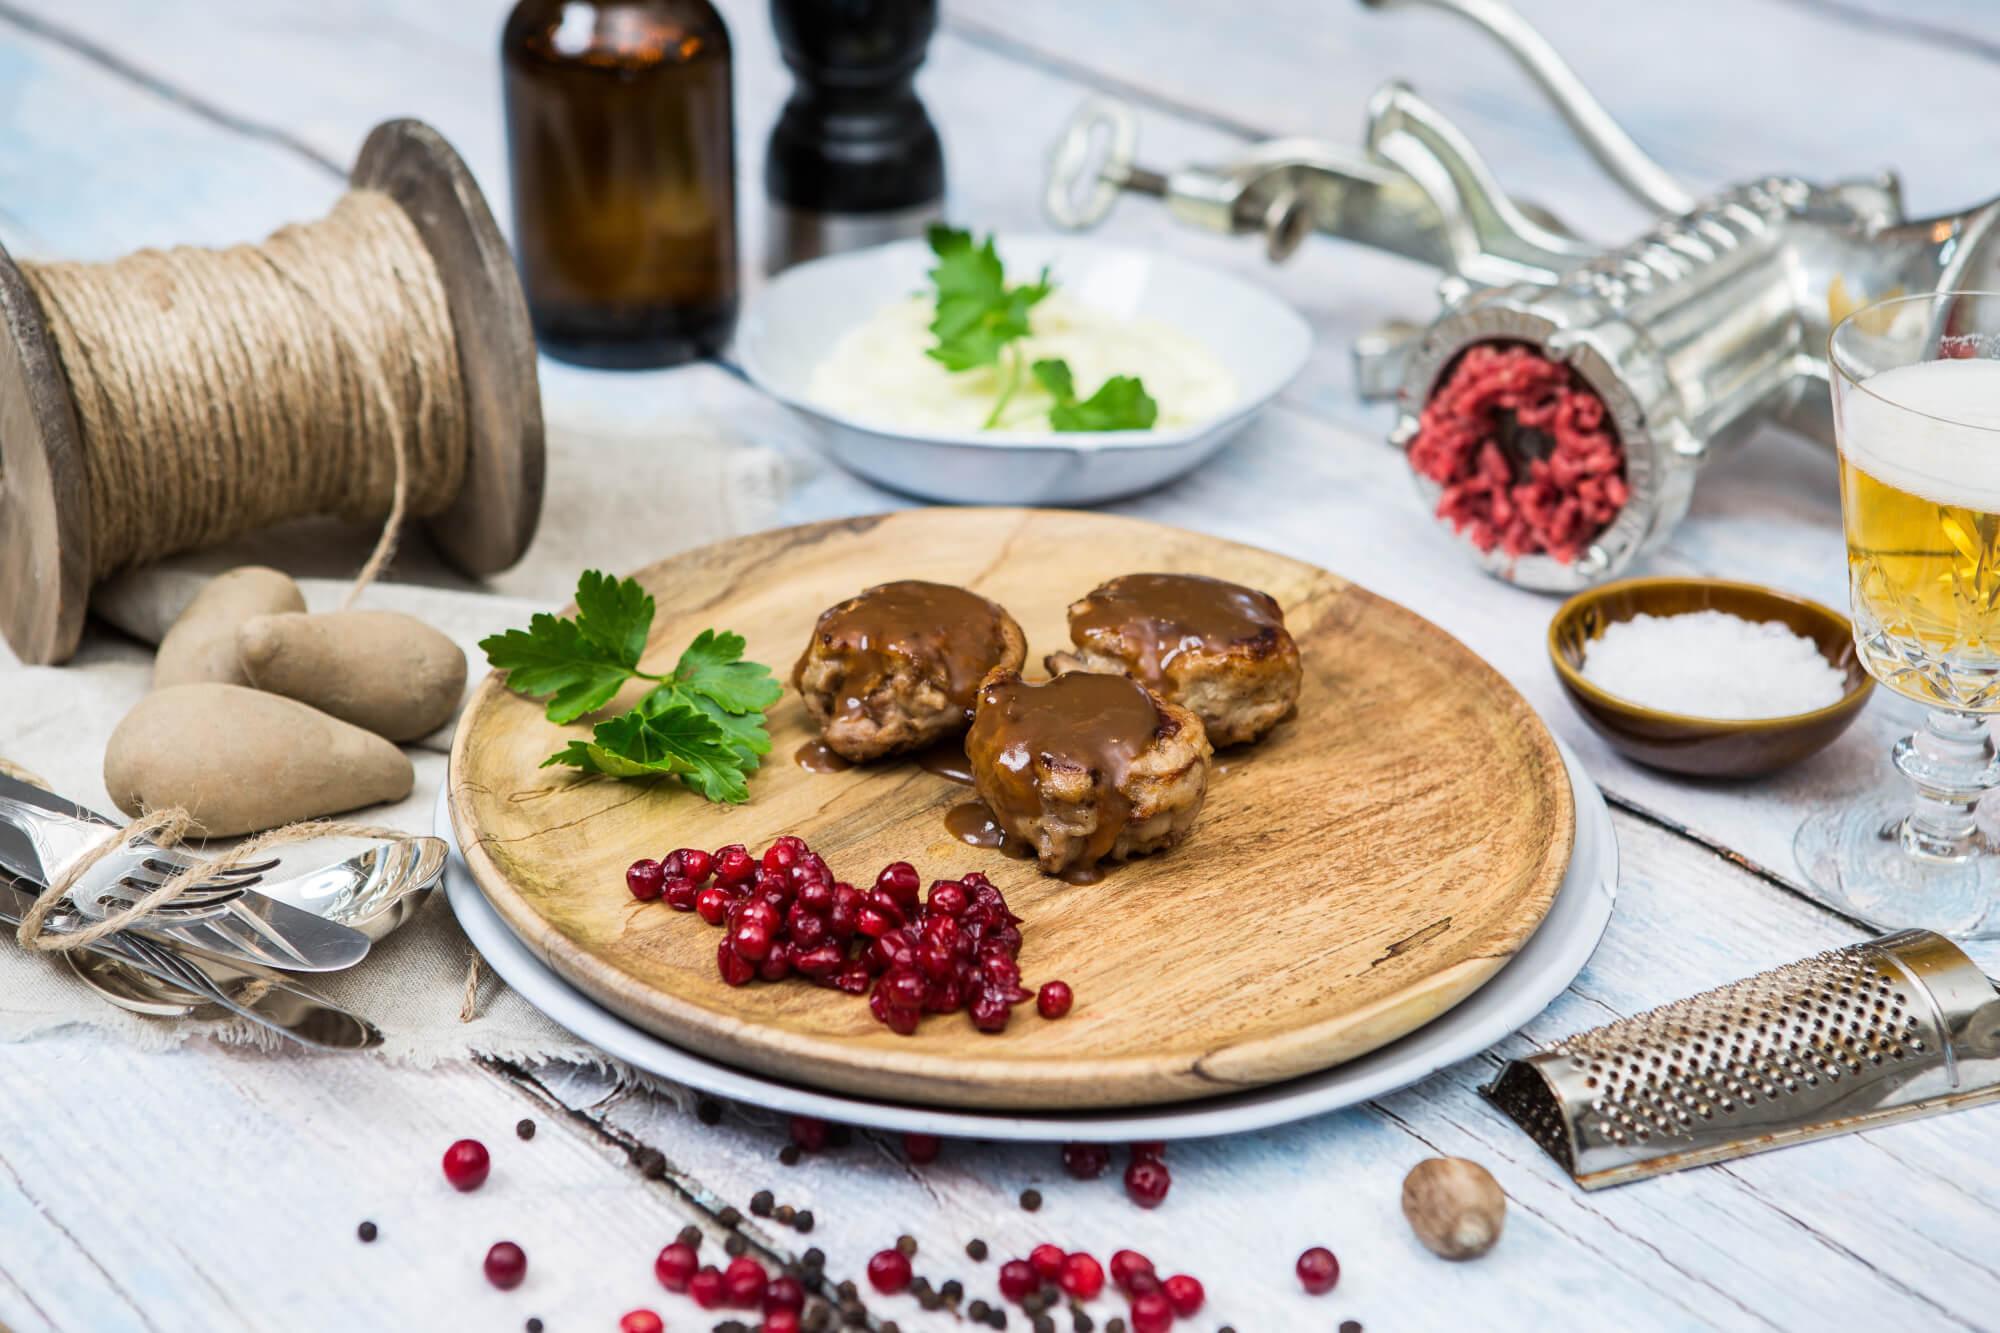 Hvordan bevare kjøttkverna?